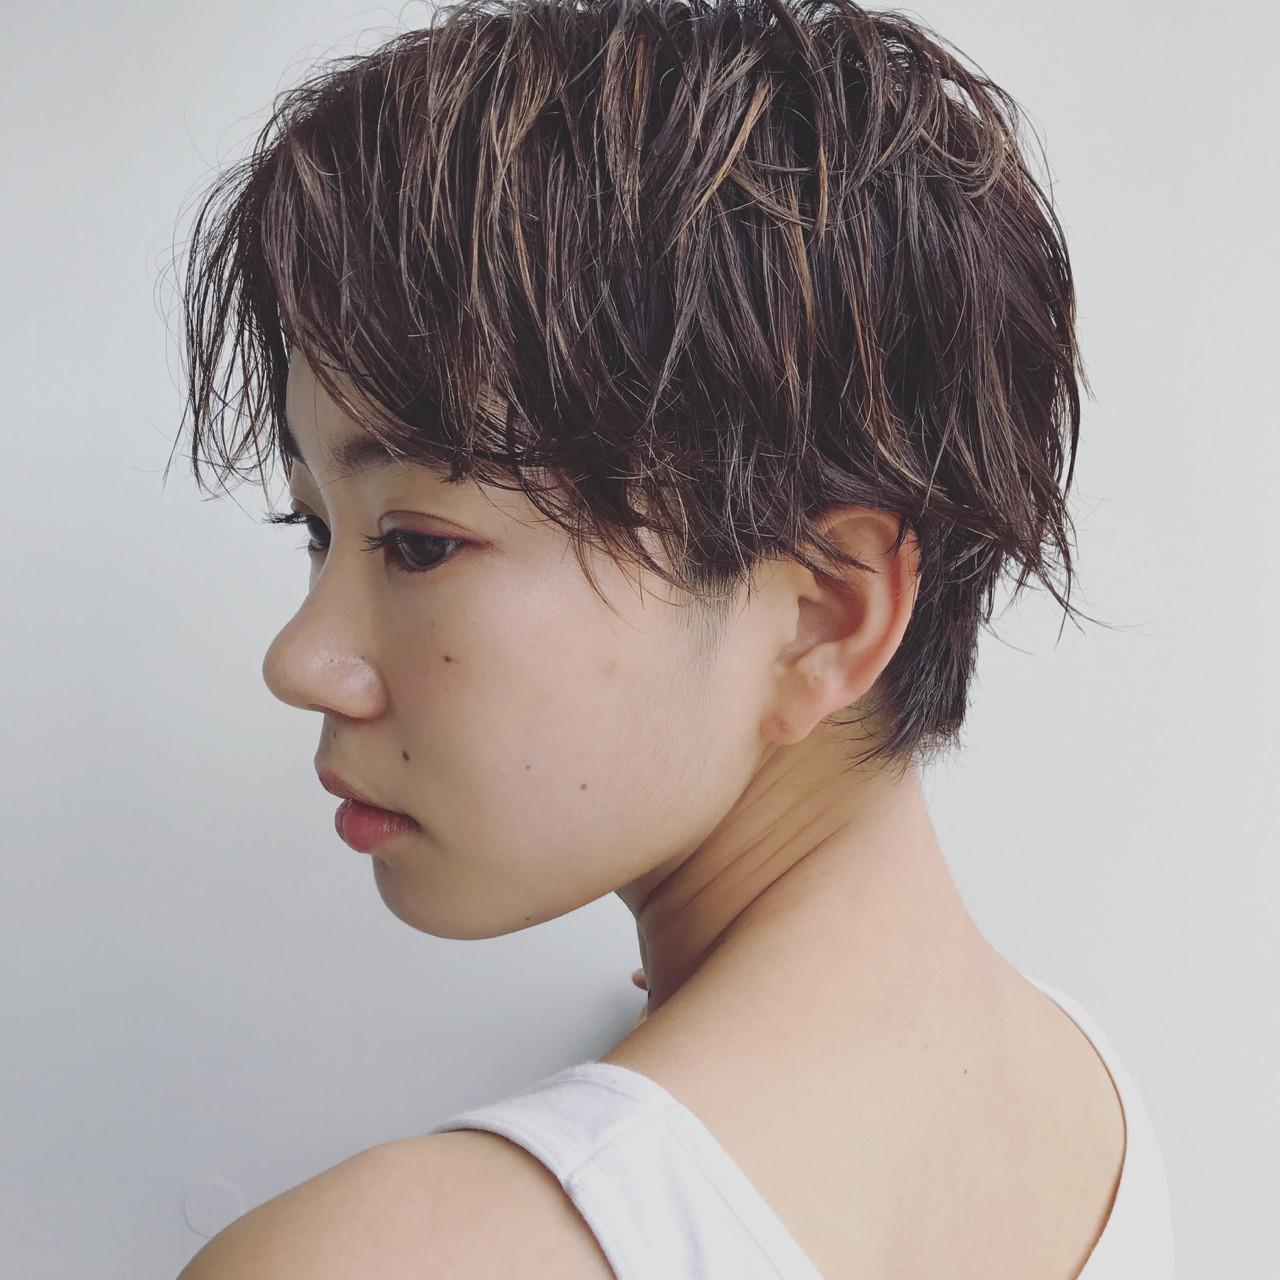 大人かわいい 外国人風 透明感 秋 ヘアスタイルや髪型の写真・画像 | 馬橋達佳 / log